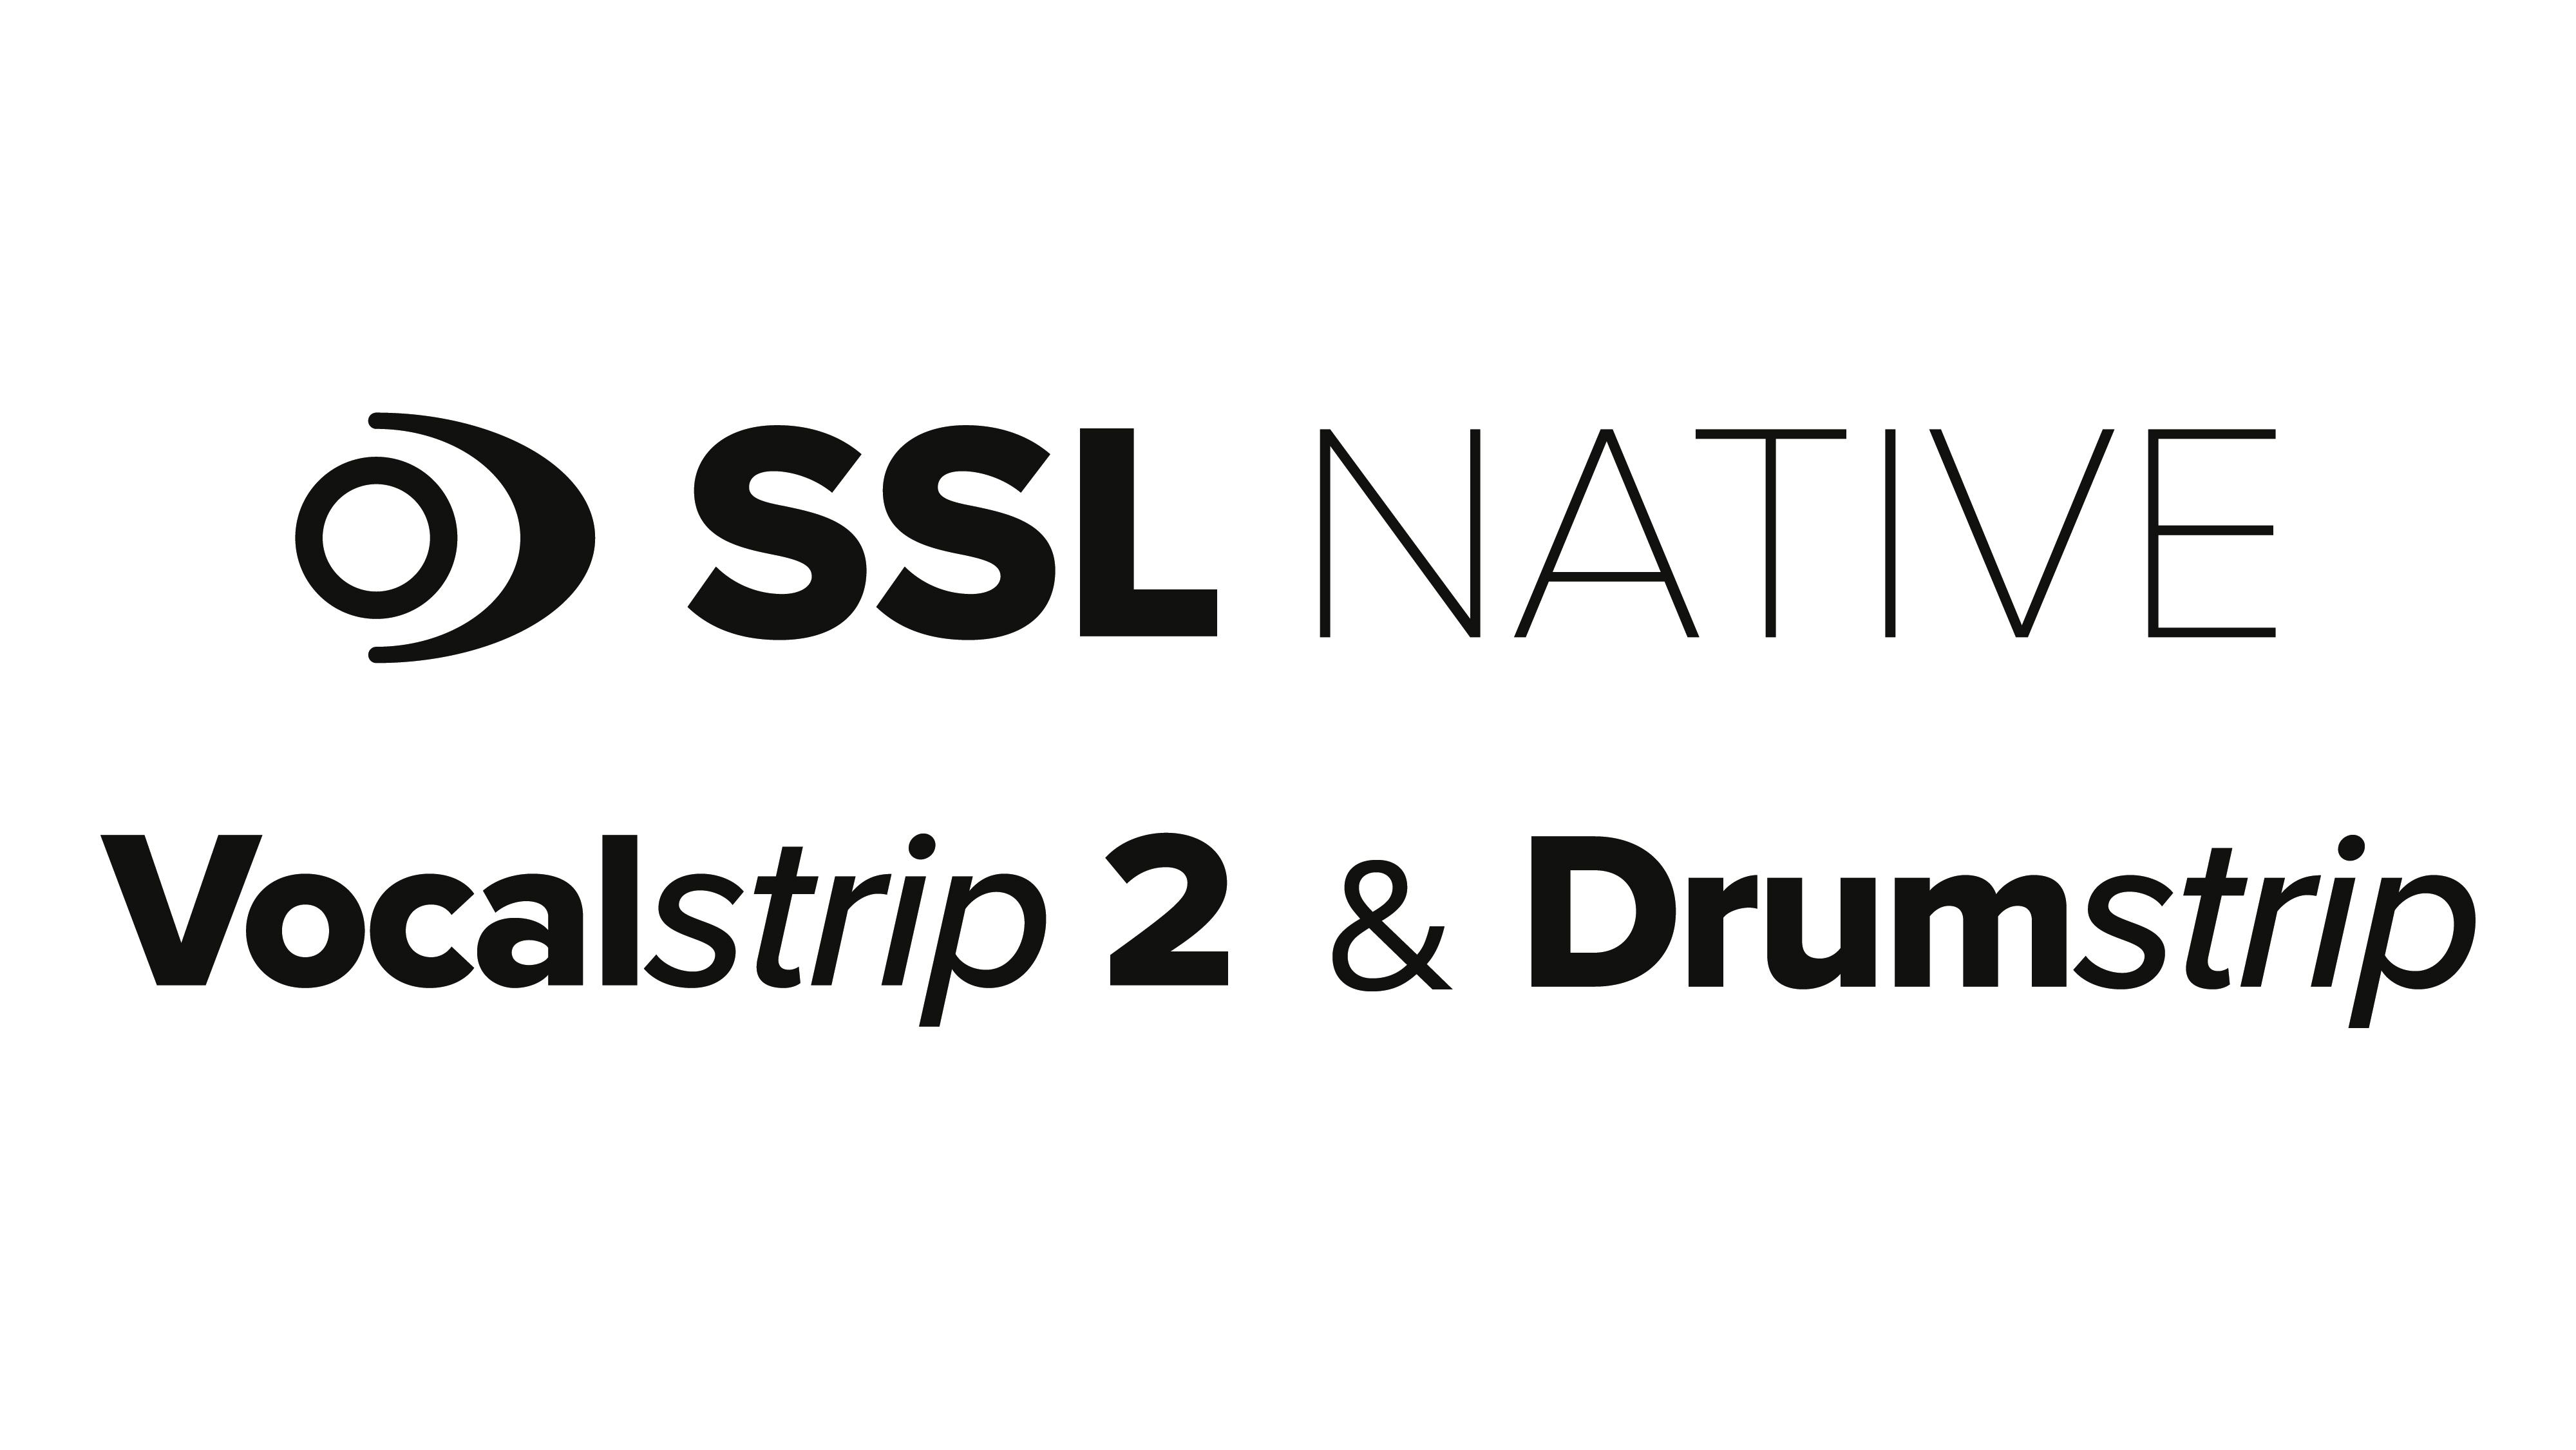 SSL Native Vocal and drum strip logo